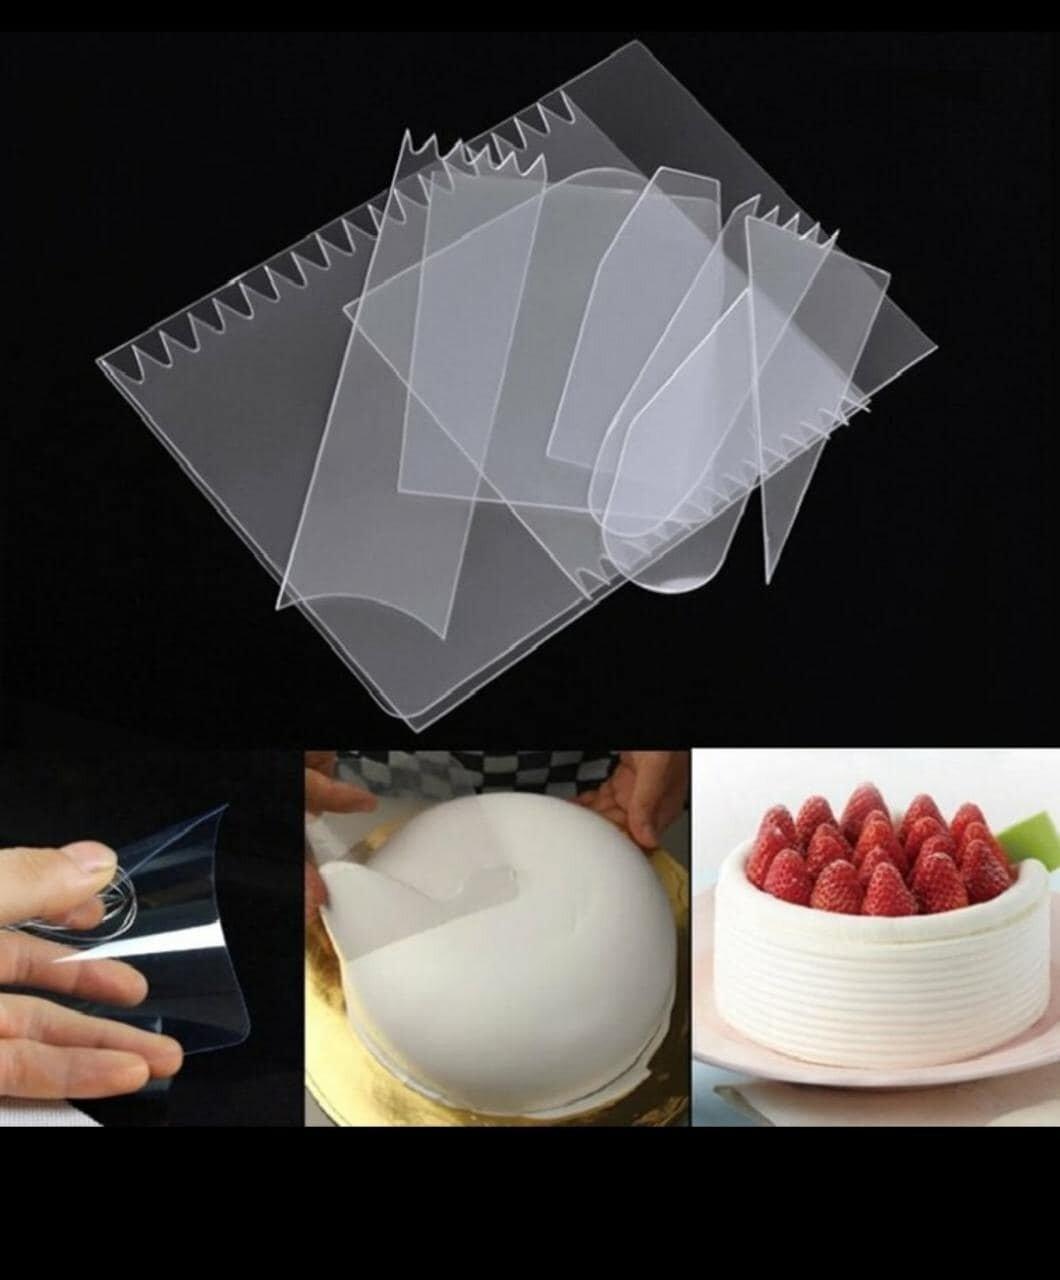 9 PCs Plastic Transparent Cream Cake Scraper